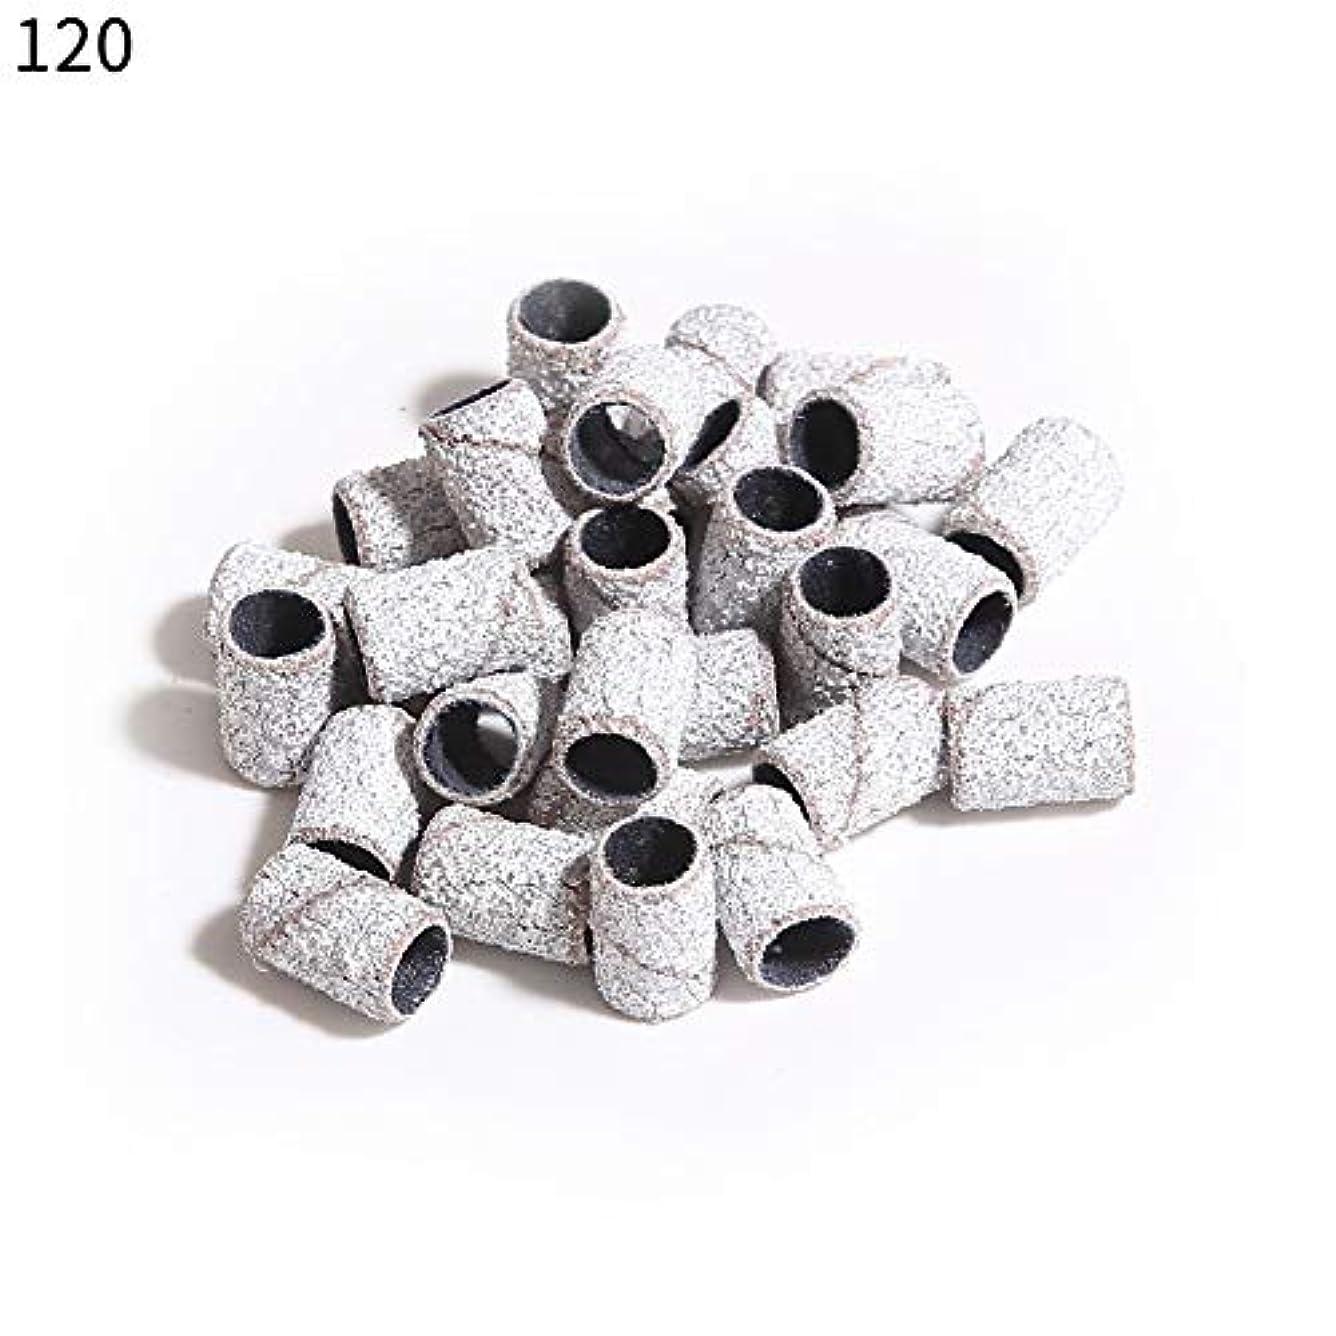 投げる電気の潮Murakush ネイルリング ネイルパッド ネイルツール 120#&180# 100個 ホワイトサークル 2つのモデルがある 120#